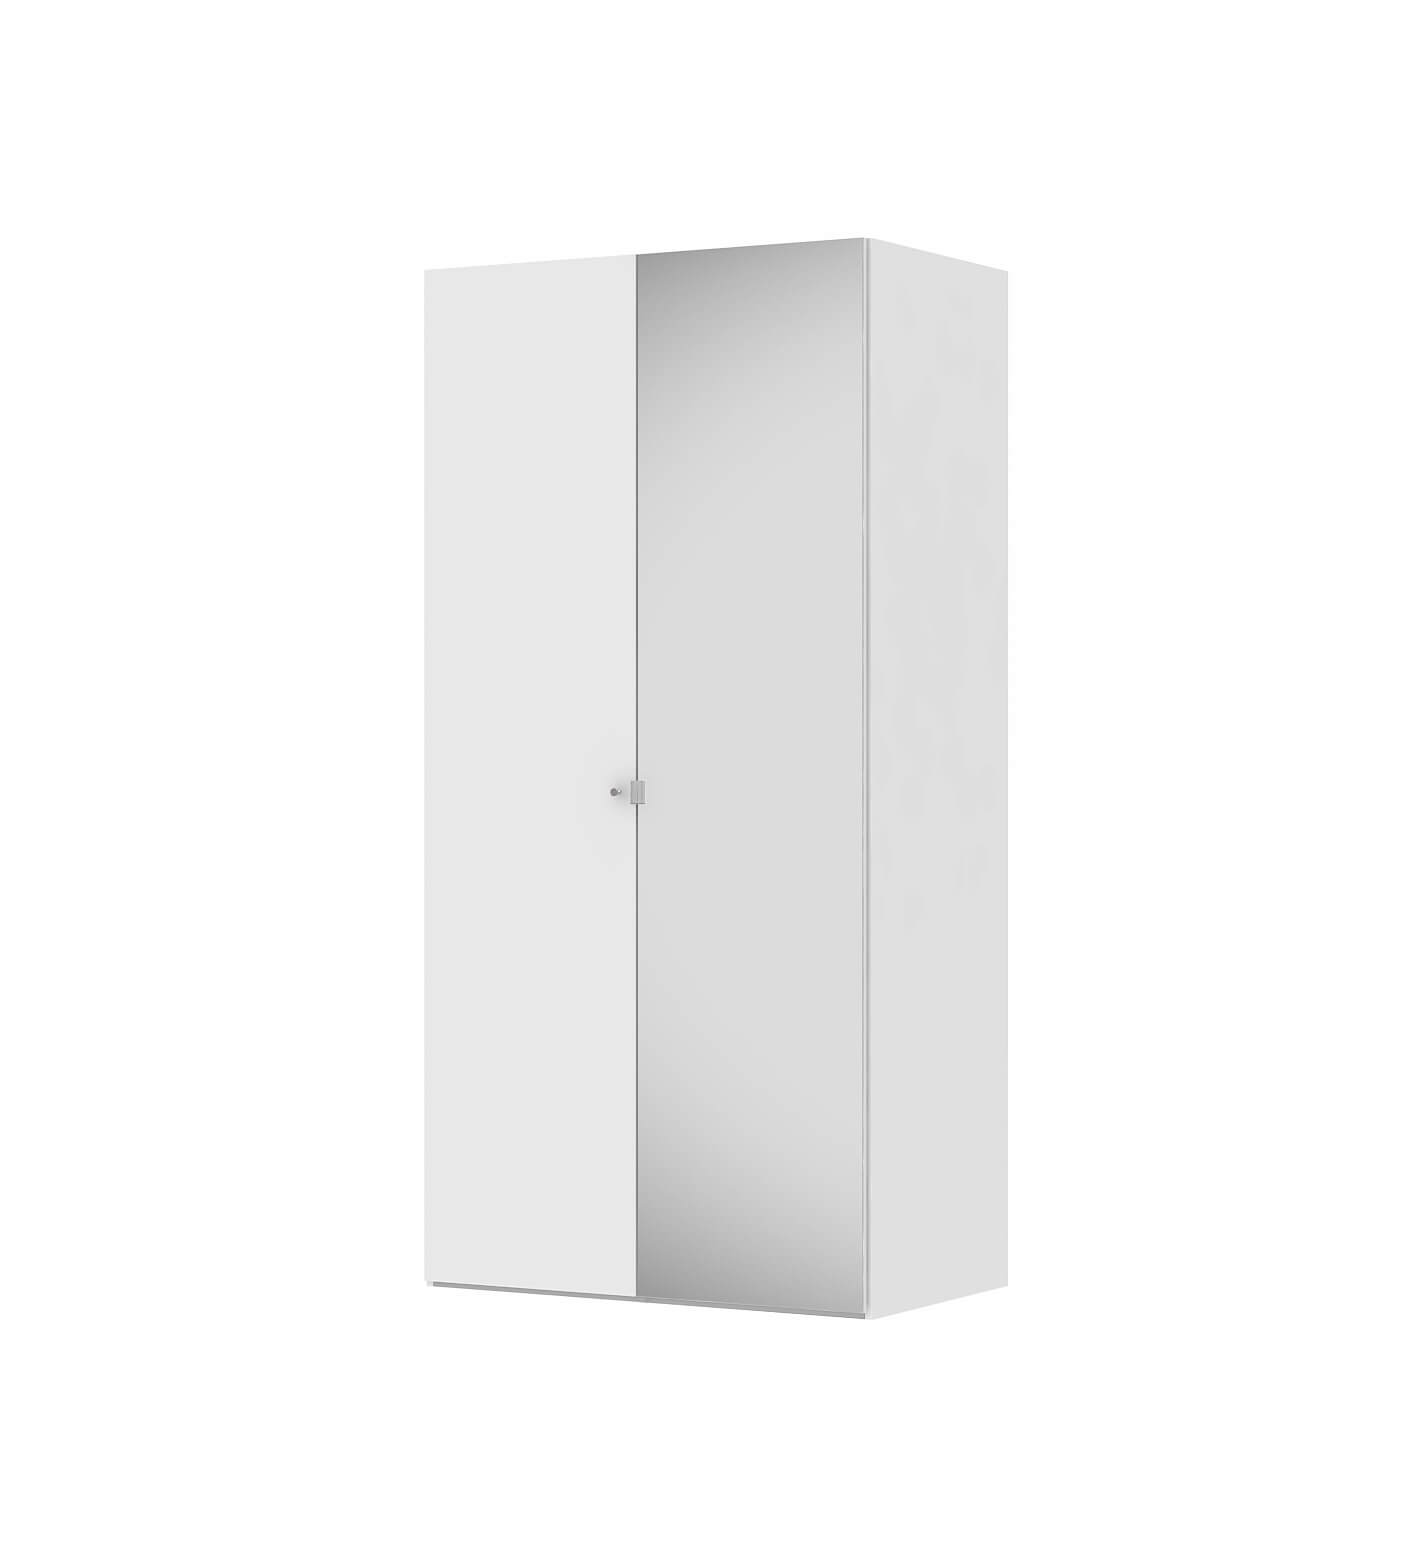 Billede af Save garderobeskab (100 cm) i hvid med spejl